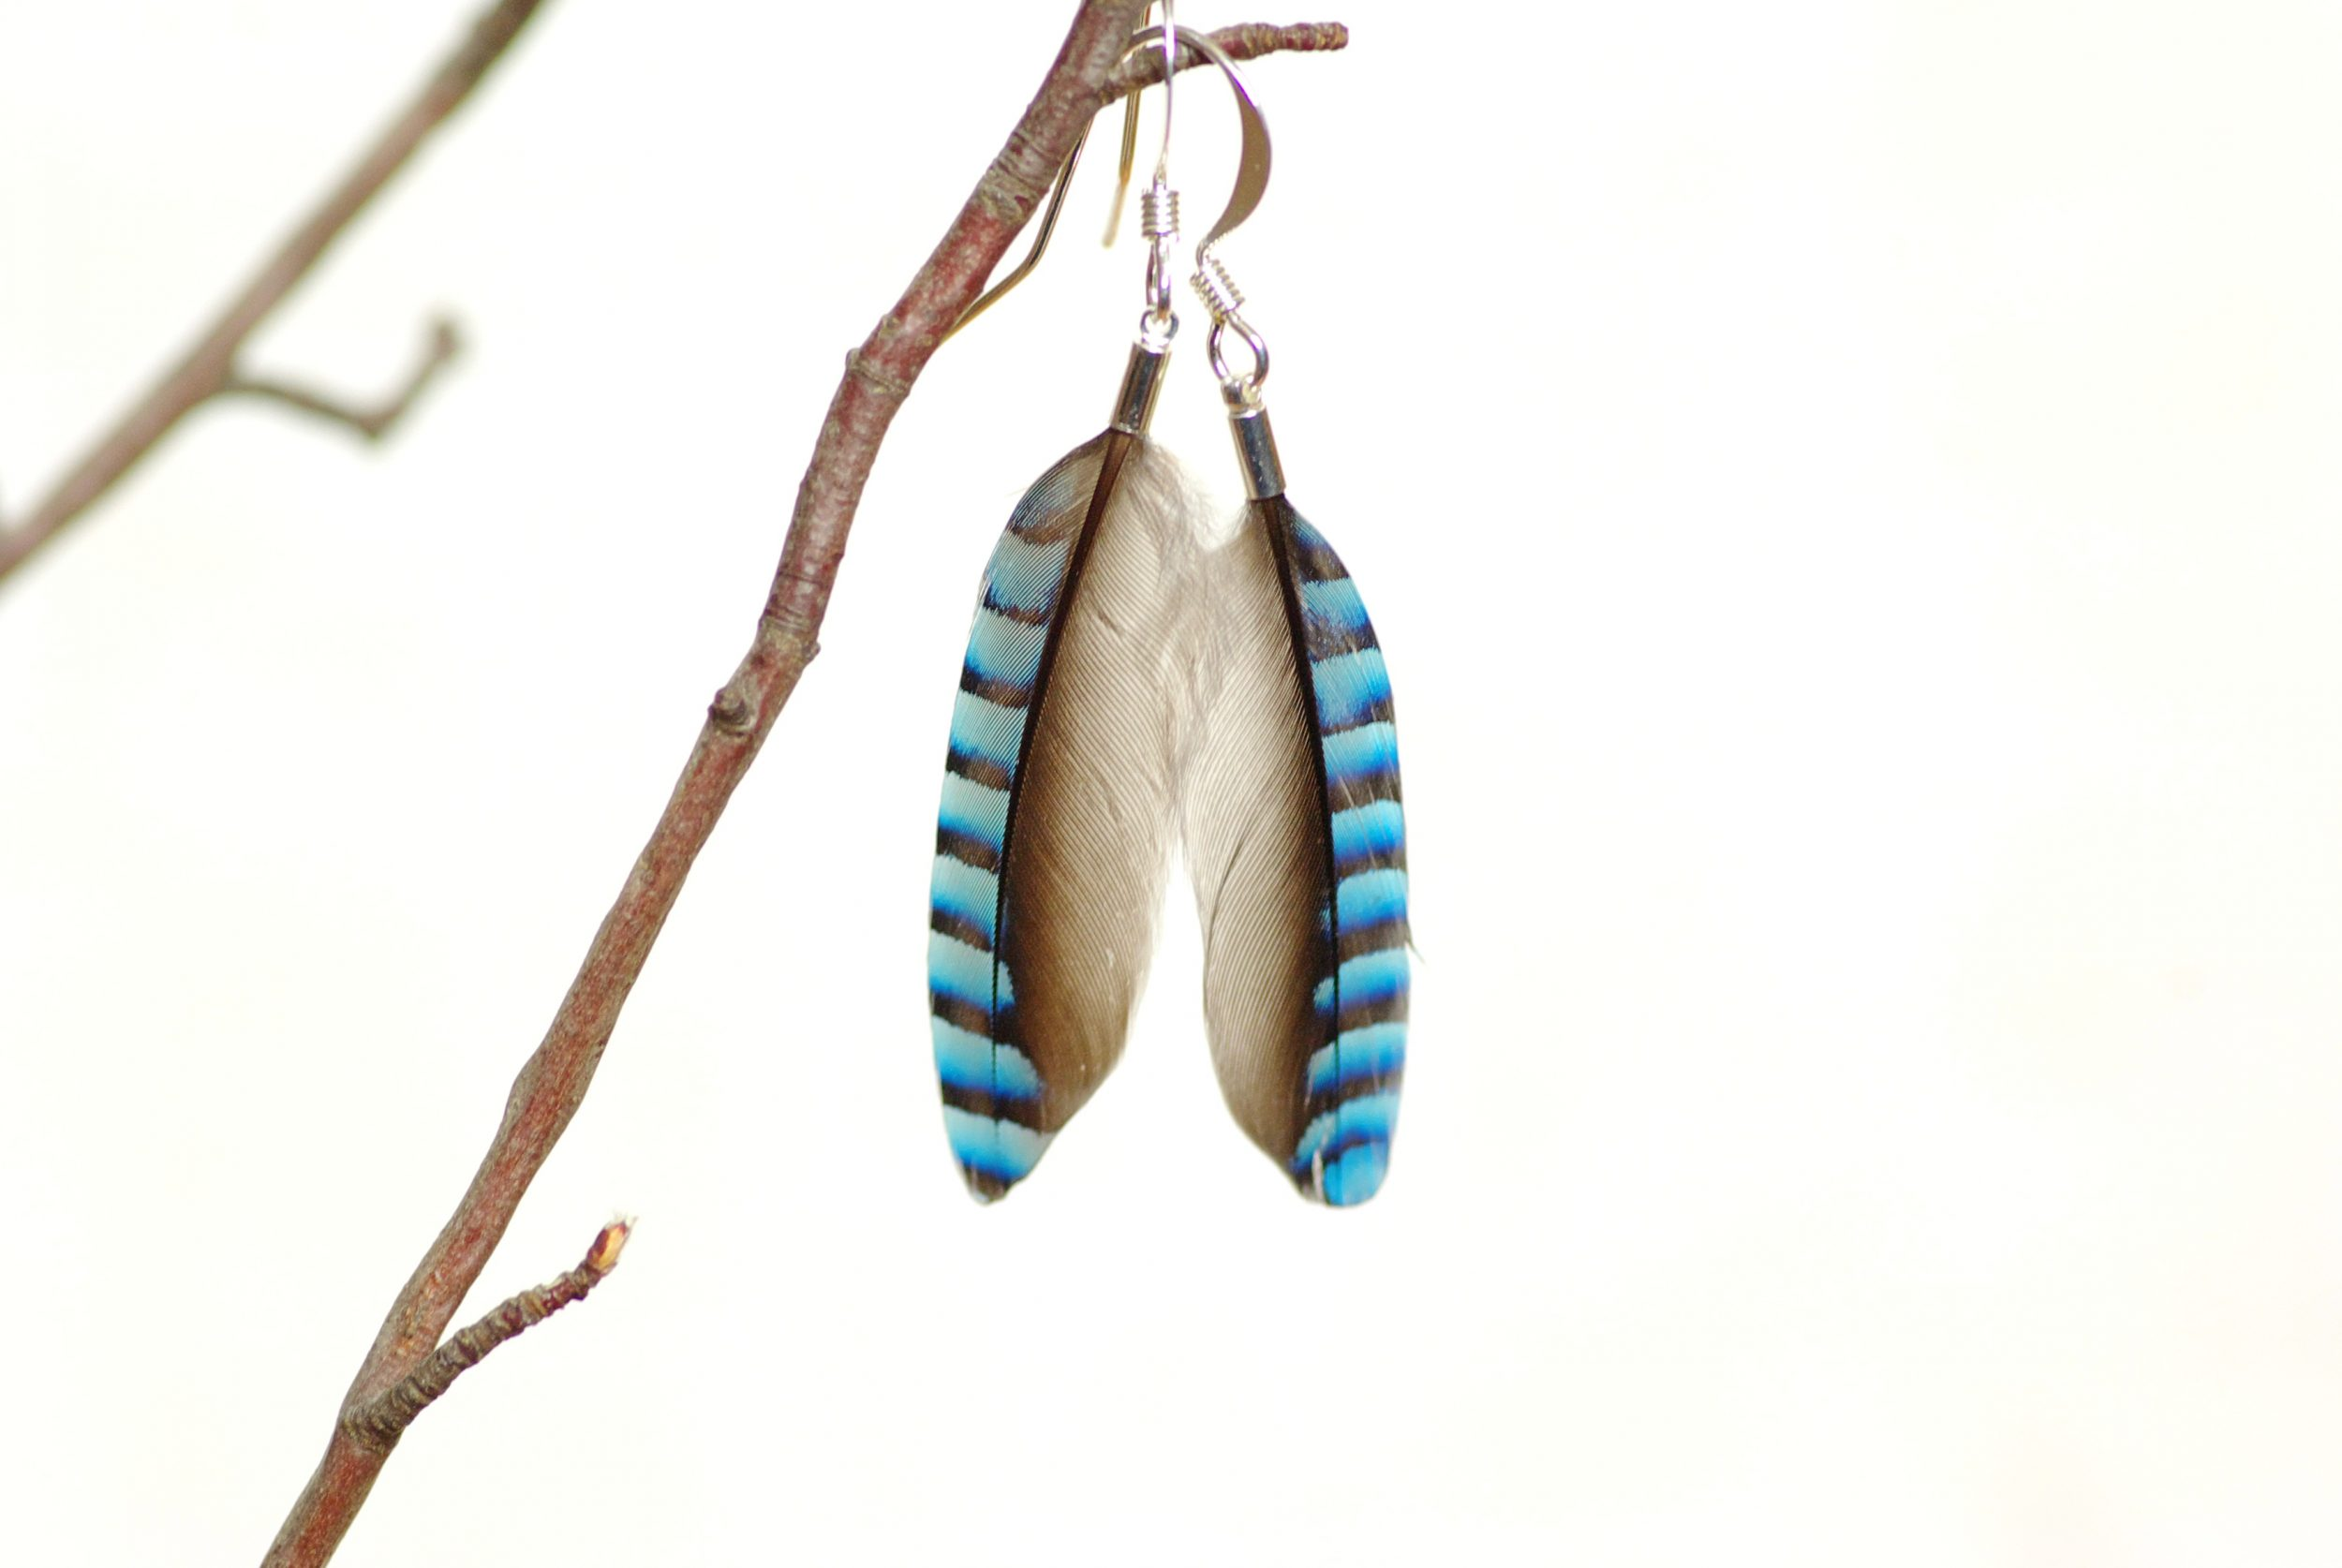 boucles d'oreilles en plumes rayées . FInes rayures bleu dégradé et noir. Montage très épuré sur des crochets argentés